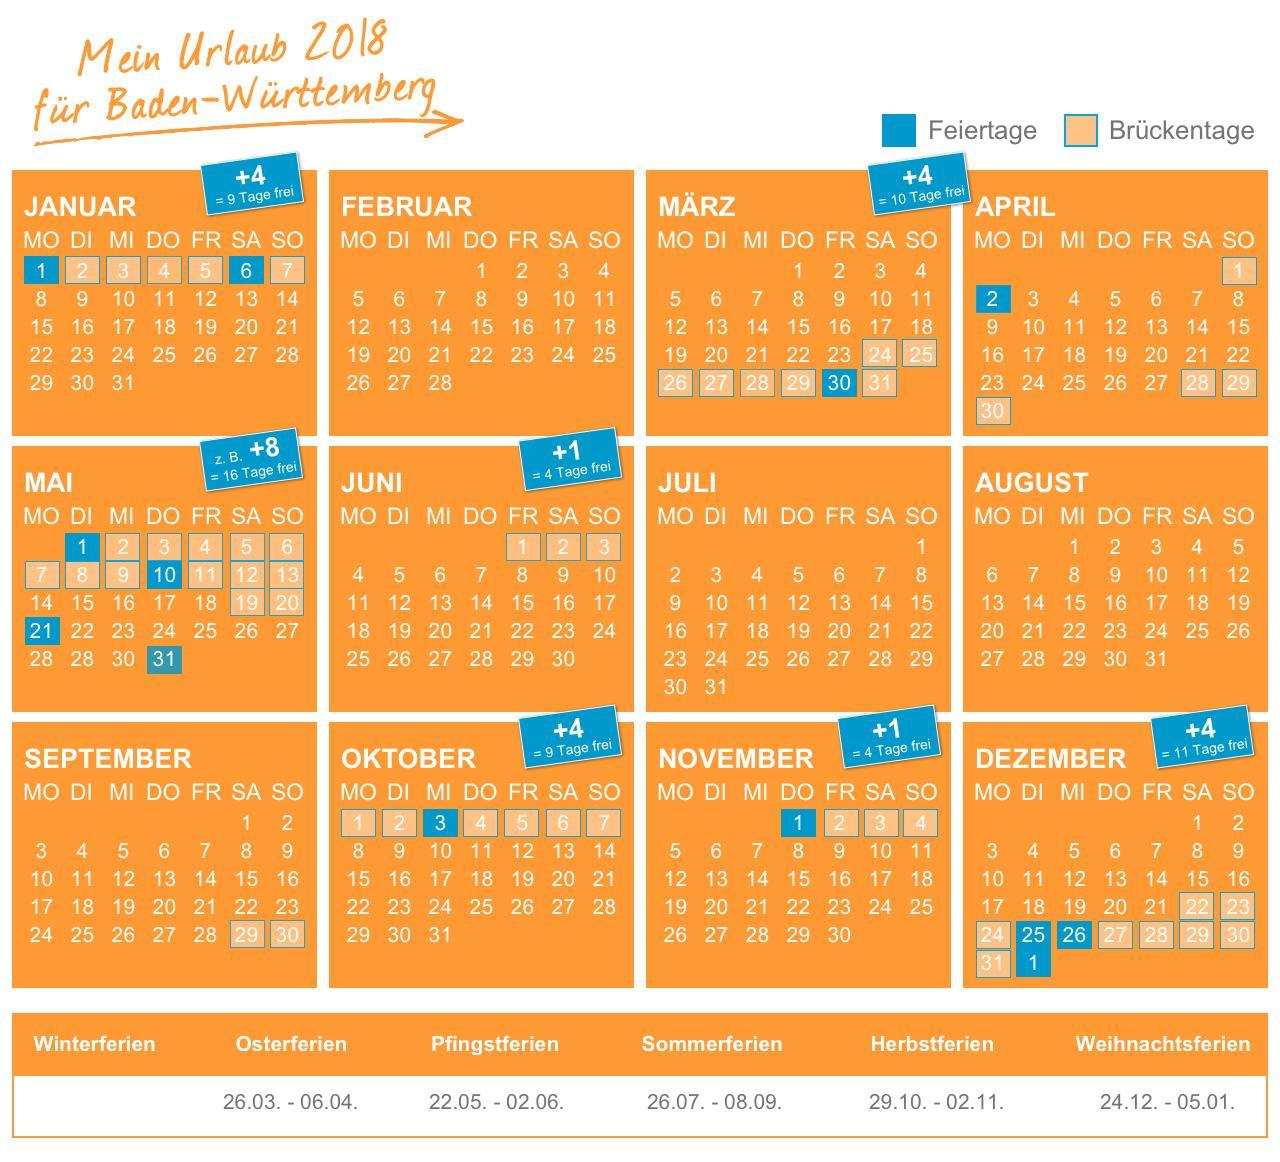 urlaubsplaner-brueckentagsplaner-ferien-feiertage-baden-wuerttemberg